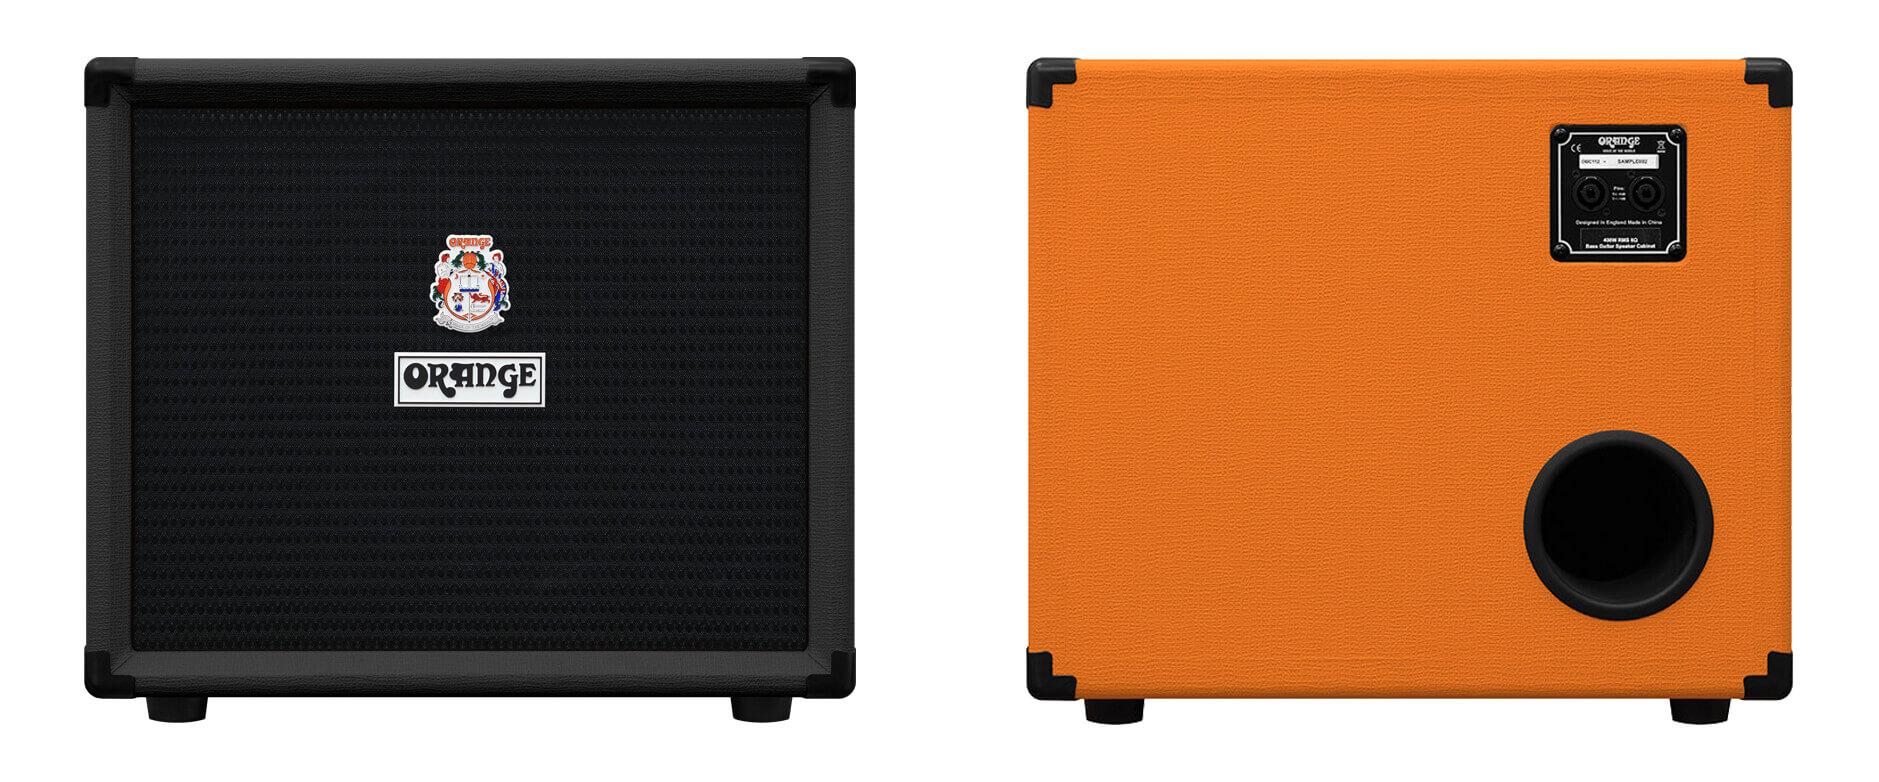 Orange OBC112 Cabinet